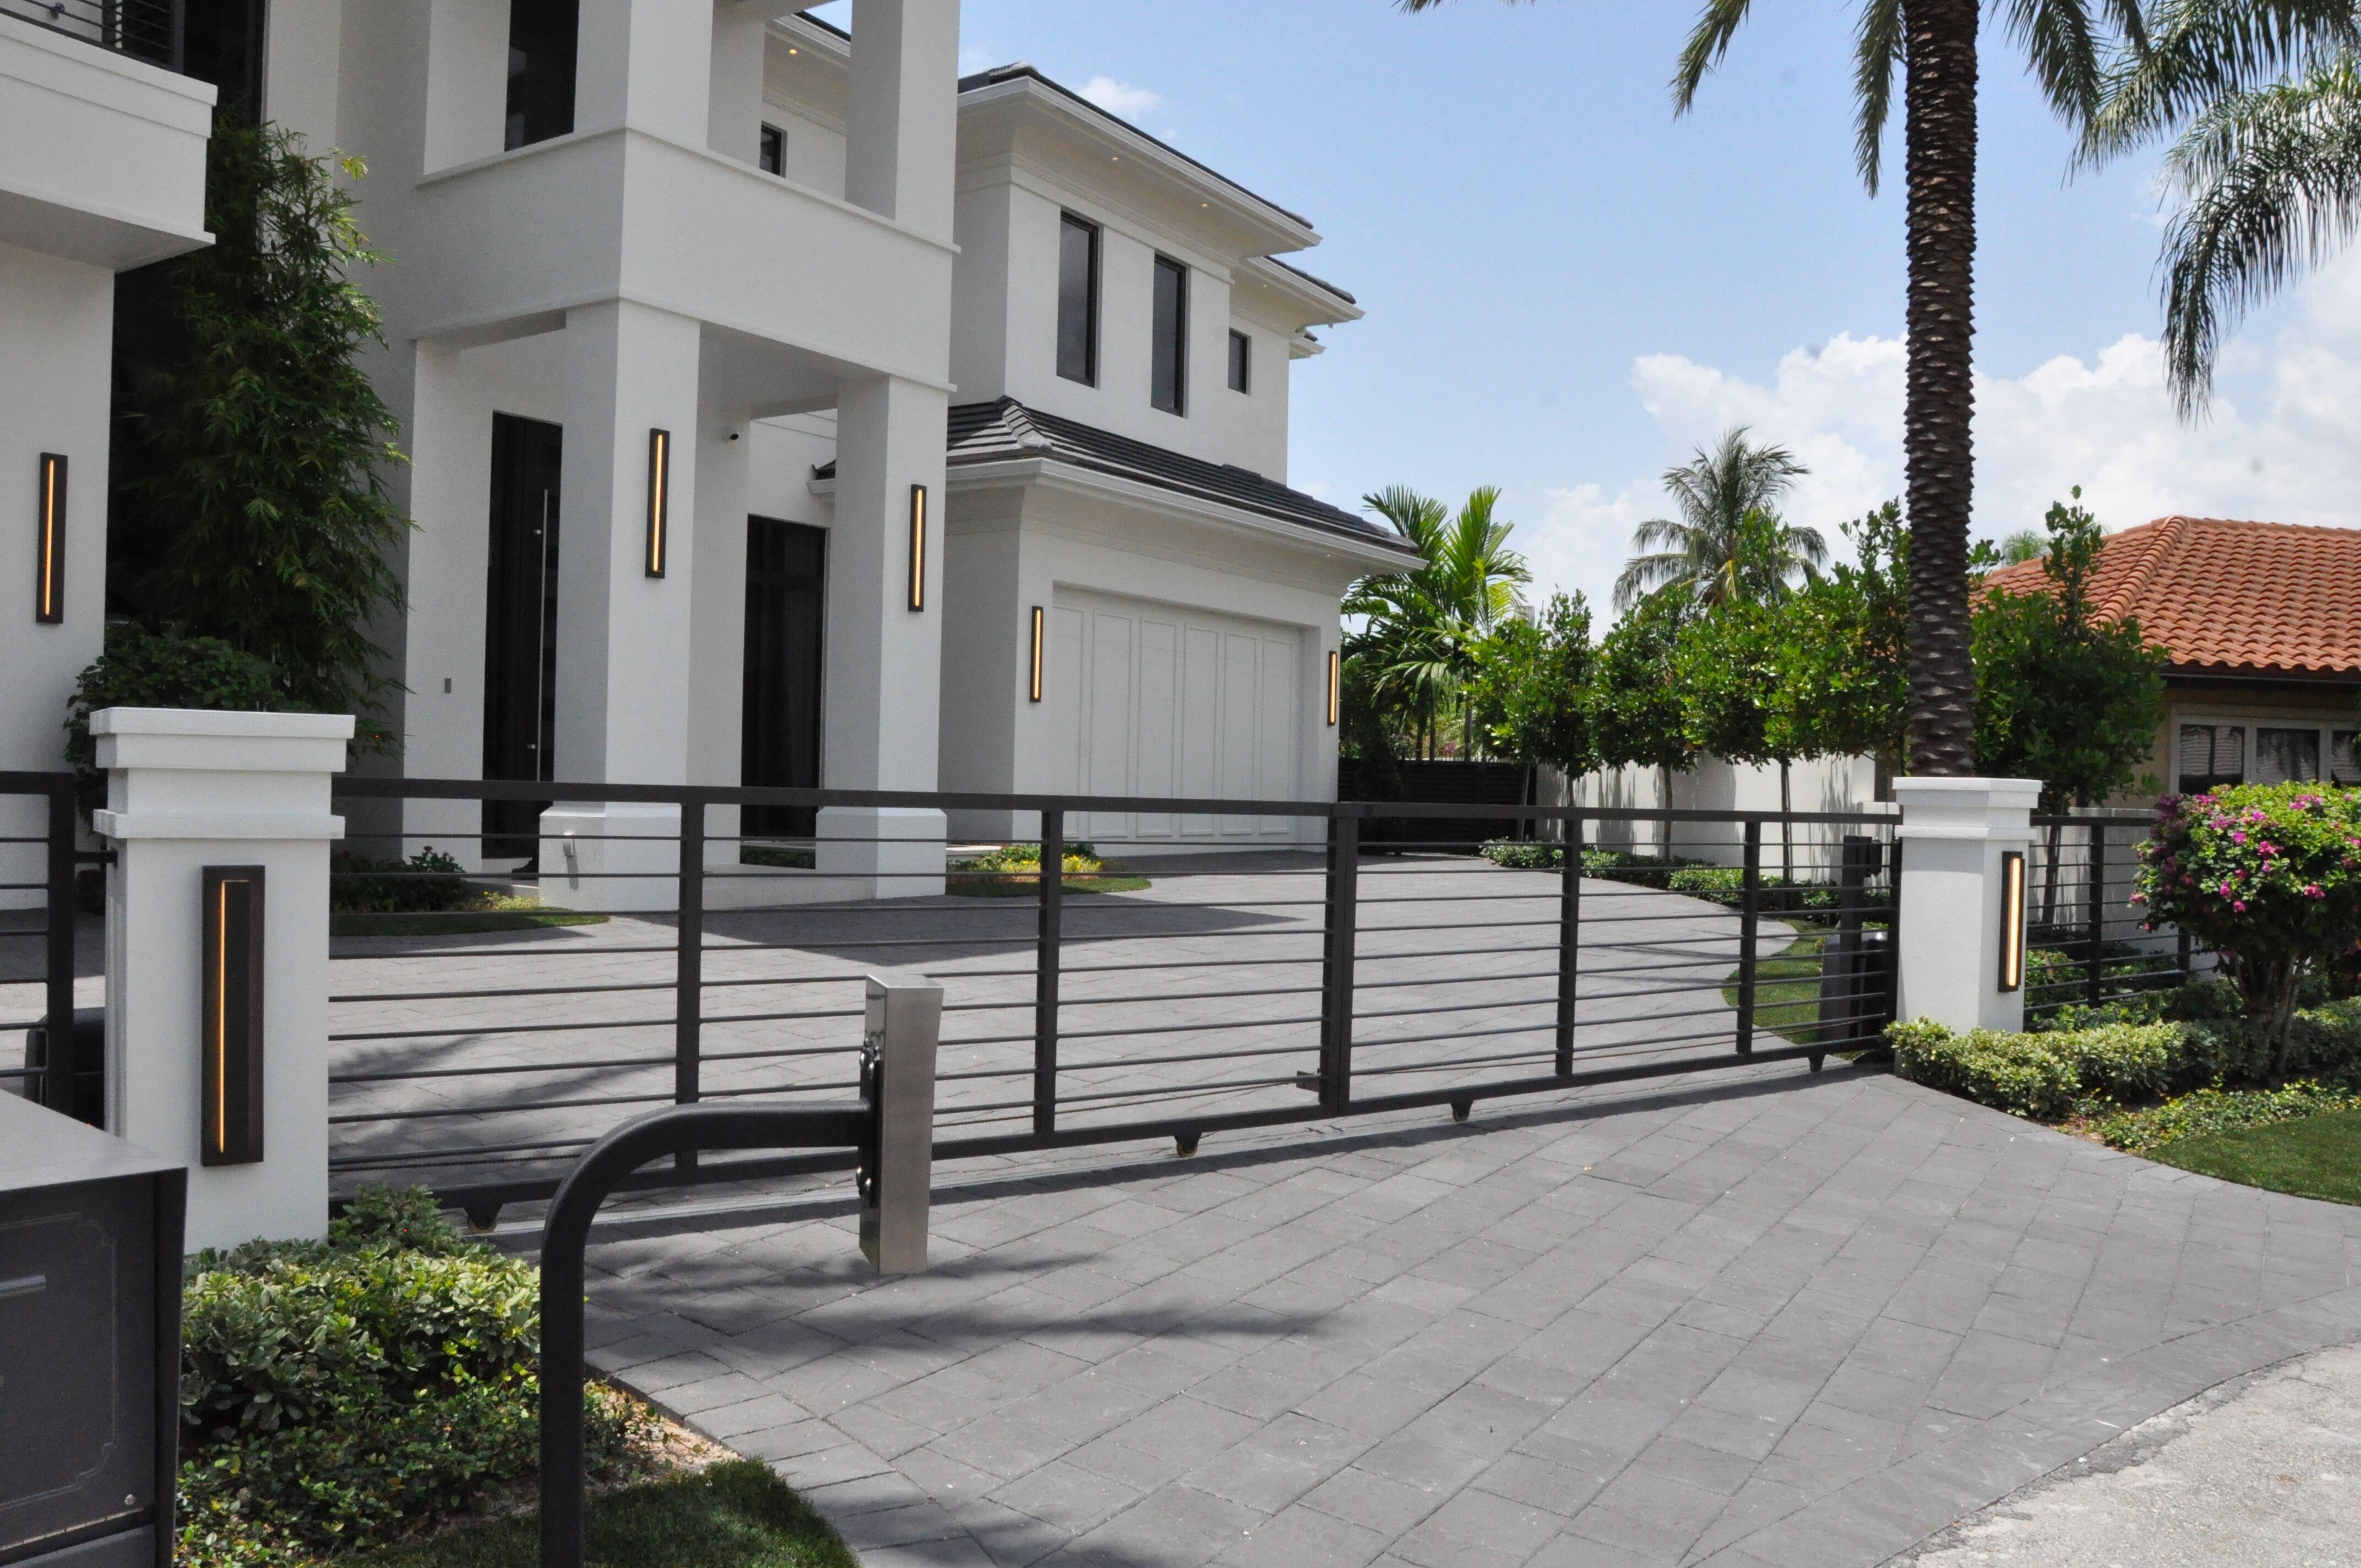 Entrance Driveway Gate 019